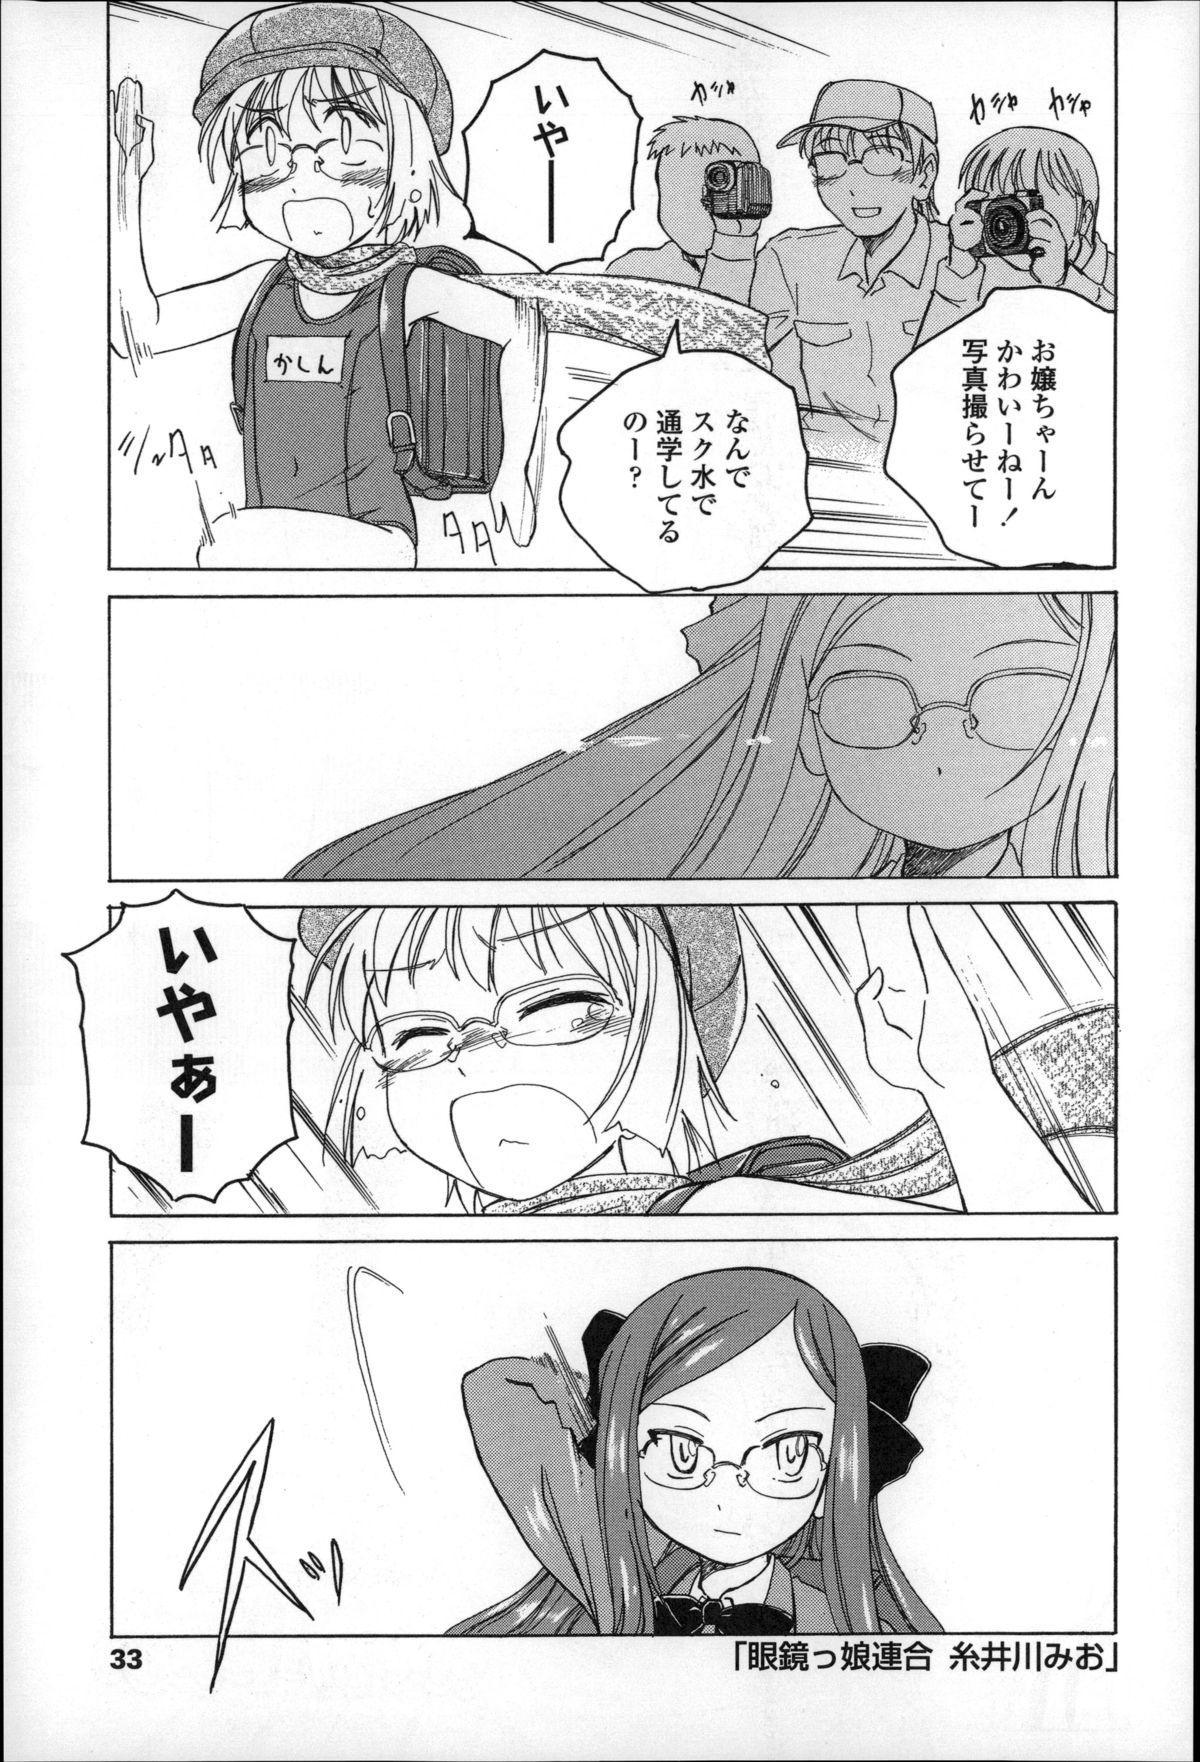 Youshou no Hana no Himitsu - The secret of Girls flowers 36